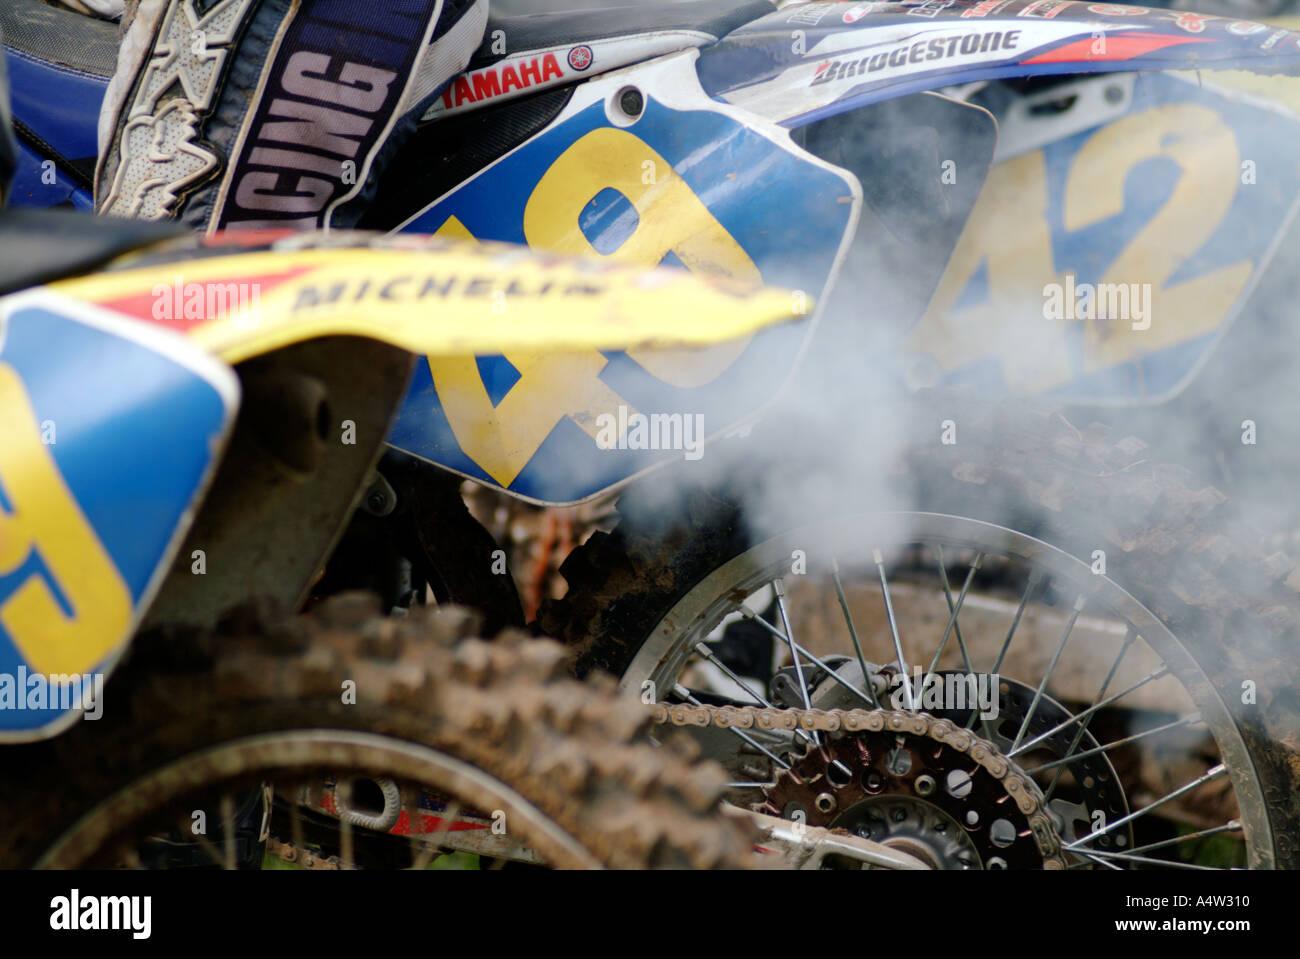 2 Two Stroke Oil Smoke Pollution Motor Cross X Moto Dirt Bike